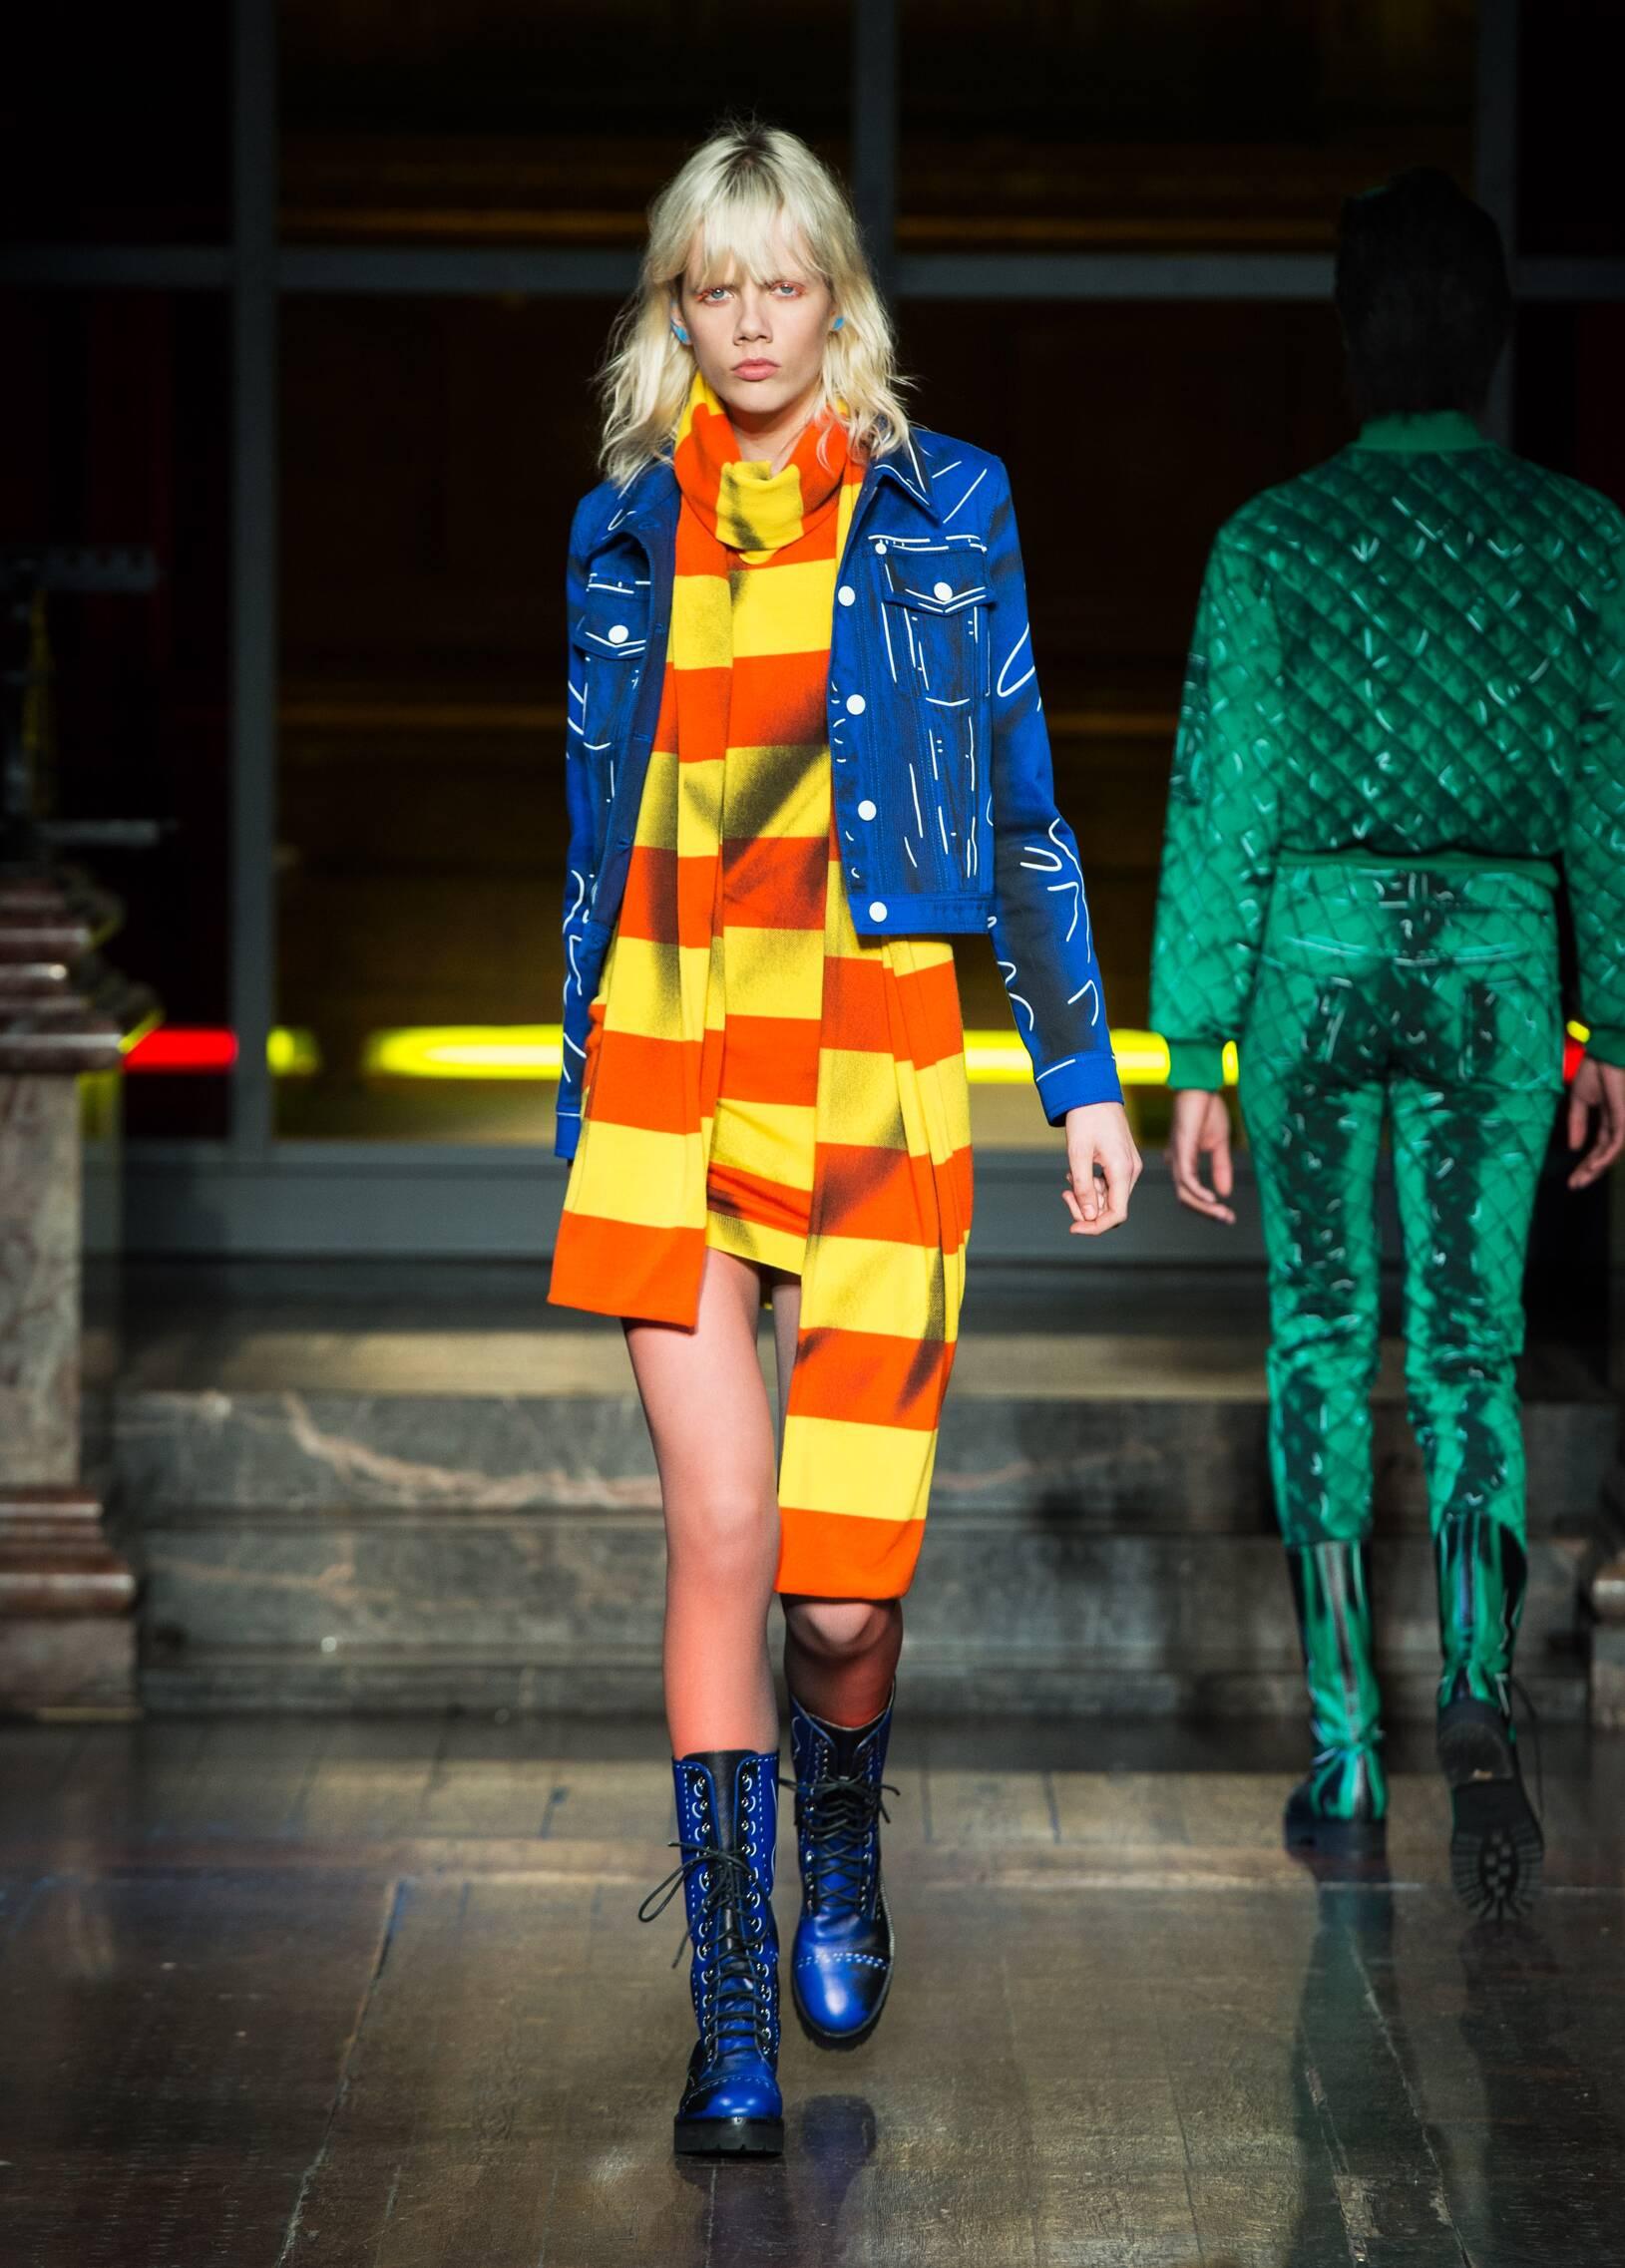 Runway Moschino Fall Winter 2016 Women's Collection London Fashion Week